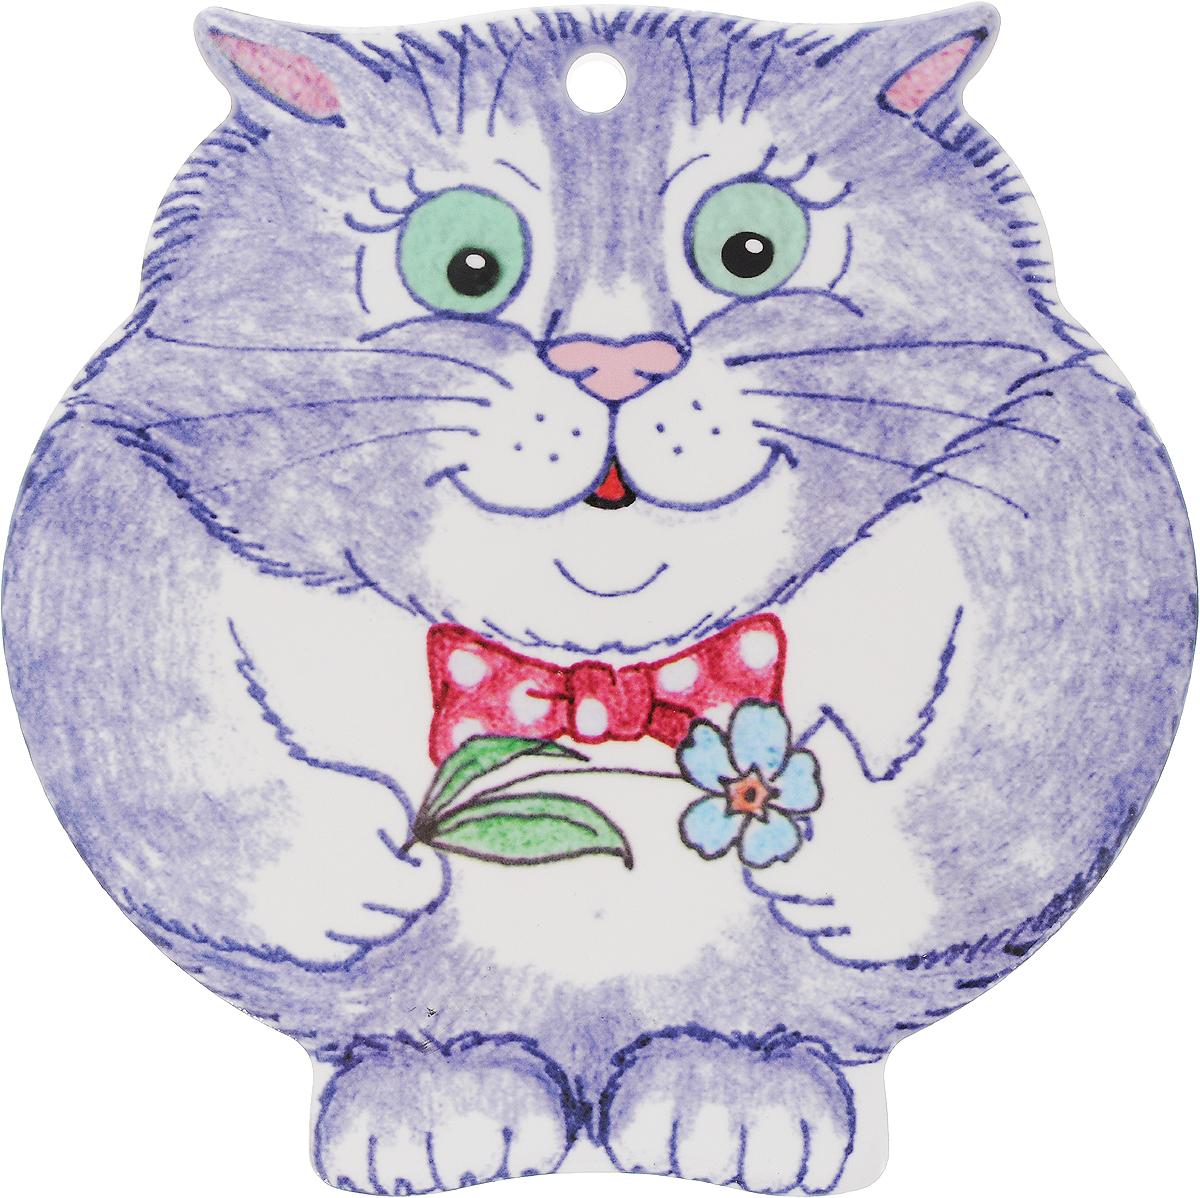 Подставка под горячее GiftnHome Серый кот с бантом и цветком, 20 х 20 смКотСерый Кот_бант/цветокКерамическая подставка GiftnHome Серый кот с бантом и цветкомпредназначена для сервировки стола и для интерьерныхрешений. Подставка изготовлена из каменной керамики, оназащищает поверхности от горячей посуды, следов пищи и влаги.Подставка имеет настенный крепеж, ее можно вешать, какнастенное панно. Это современный функциональный аксессуар - предмет повседневного обихода, создающий настроение. Дноподставки имеет подкладку из натуральной пробки - это защититвашу мебель от царапин.Размер подставки: 20 х 20 х 0,8 см.